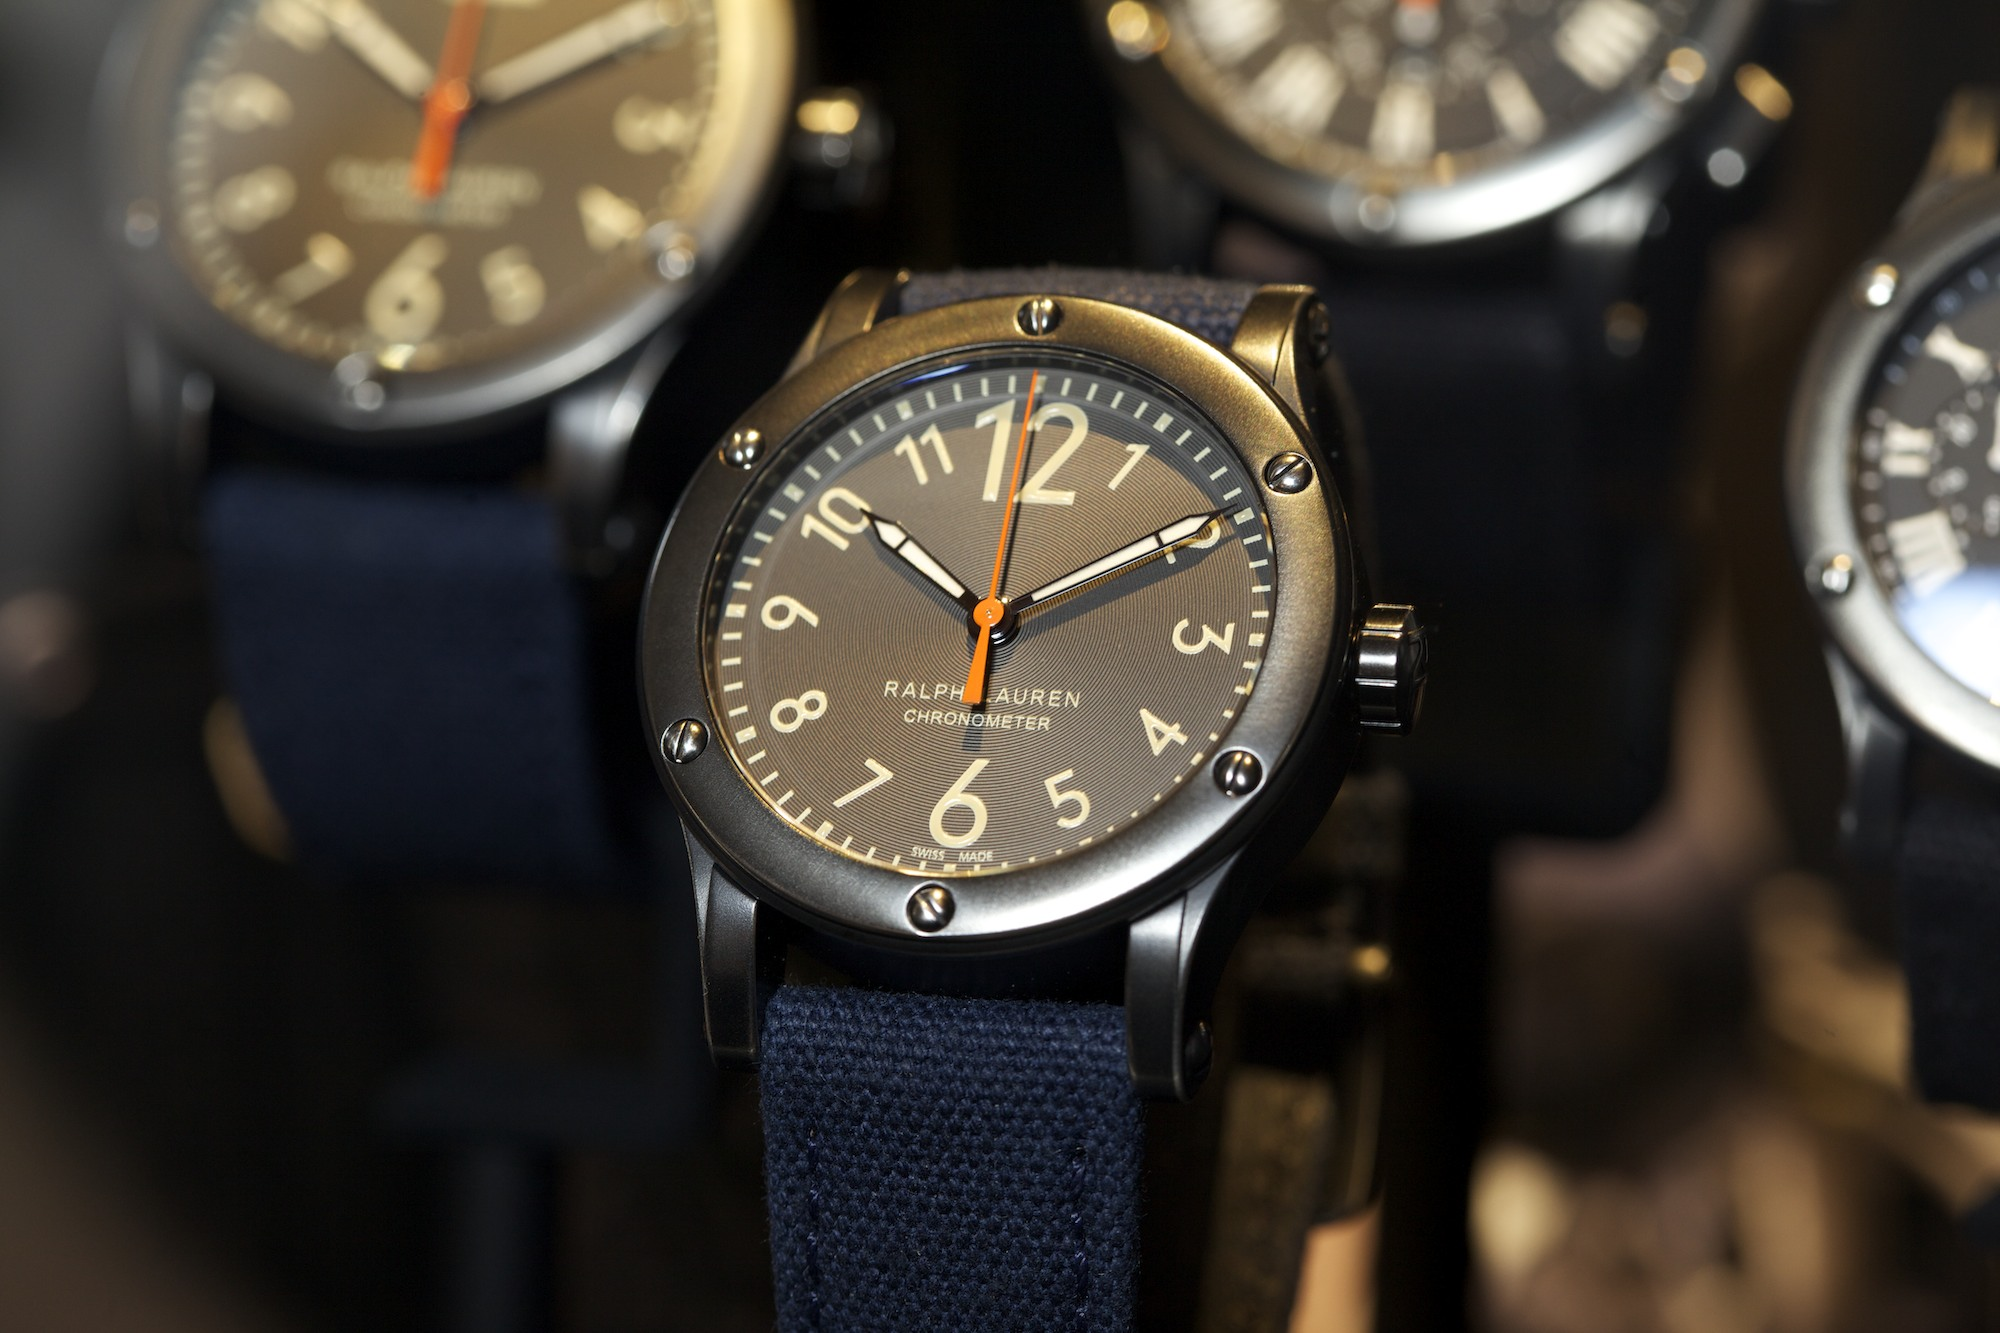 Ralph Lauren RL67 Chronometer